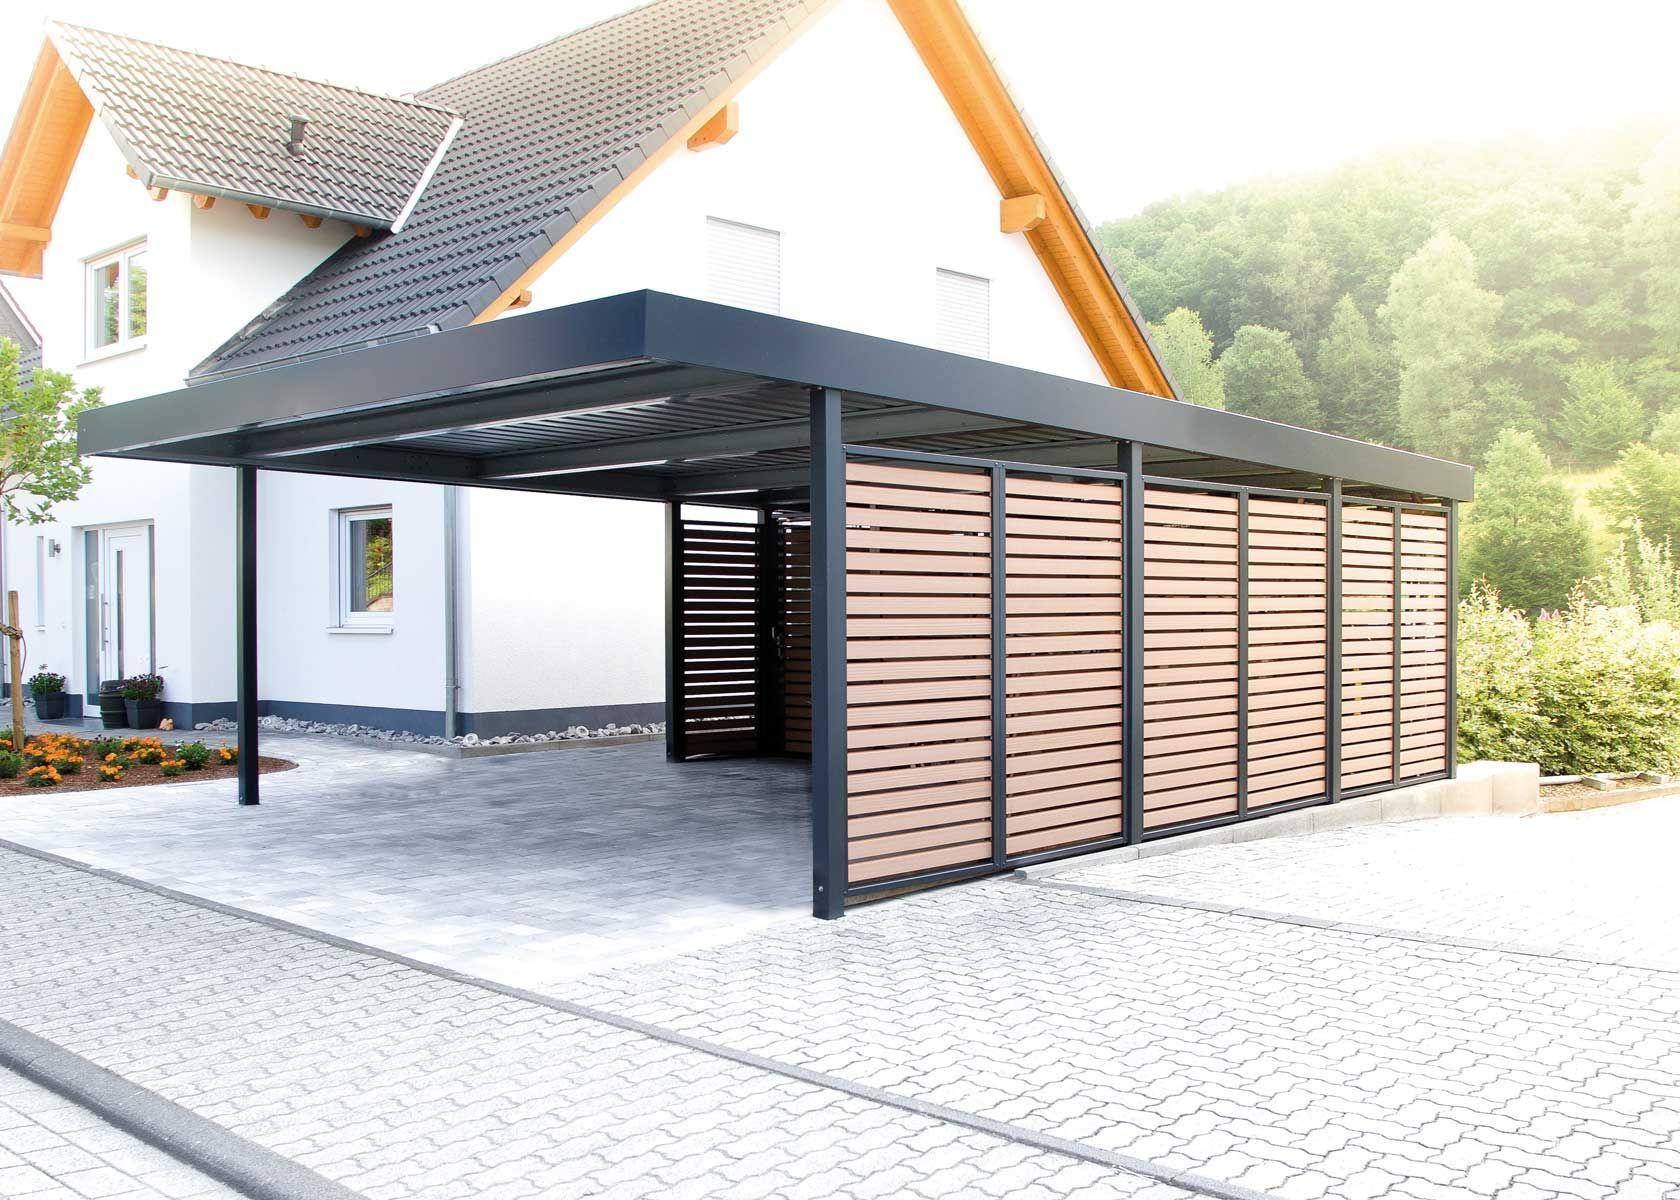 Carport Mit Wandfelder Als Sichtschutz Als Carport Mit Pergola Pergola Modern Pergola Screen Pergola Wall Sicht In 2020 Carport Carport Designs Pergola Carport